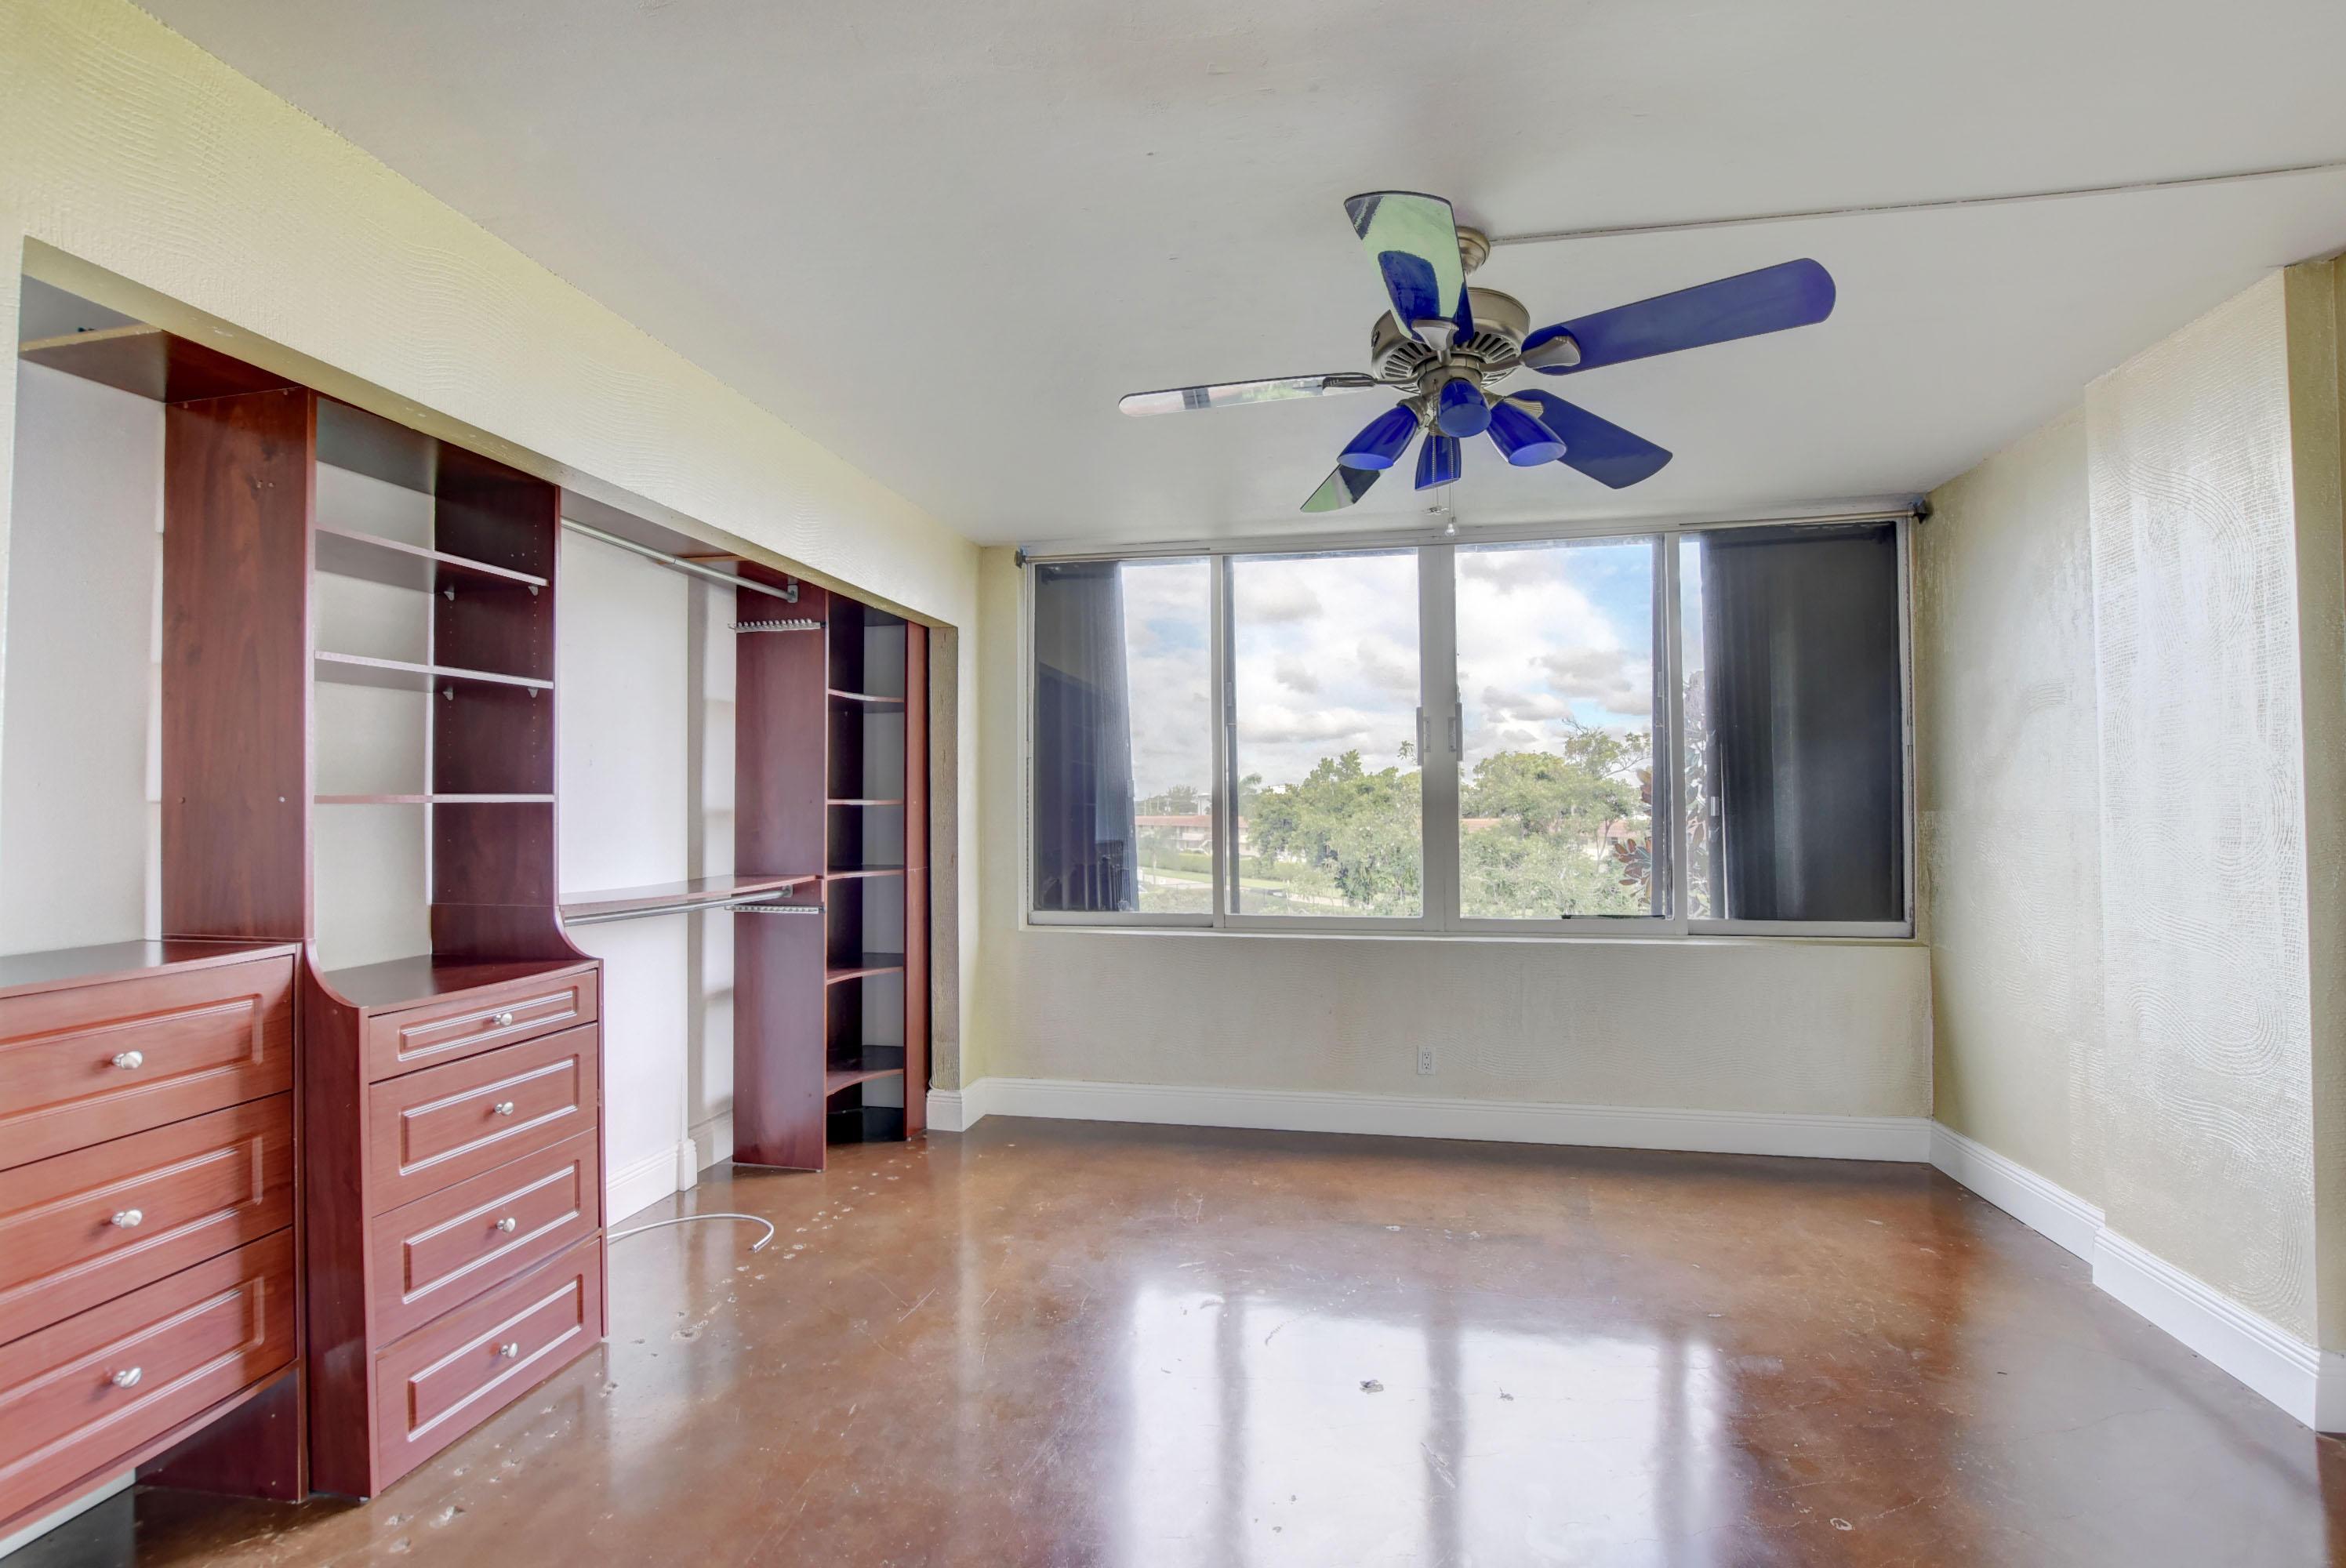 1401 Federal Highway, Boca Raton, Florida 33432, 2 Bedrooms Bedrooms, ,2.1 BathroomsBathrooms,Condo/Coop,For Sale,POINTE SOUTH,Federal,2,RX-10463916